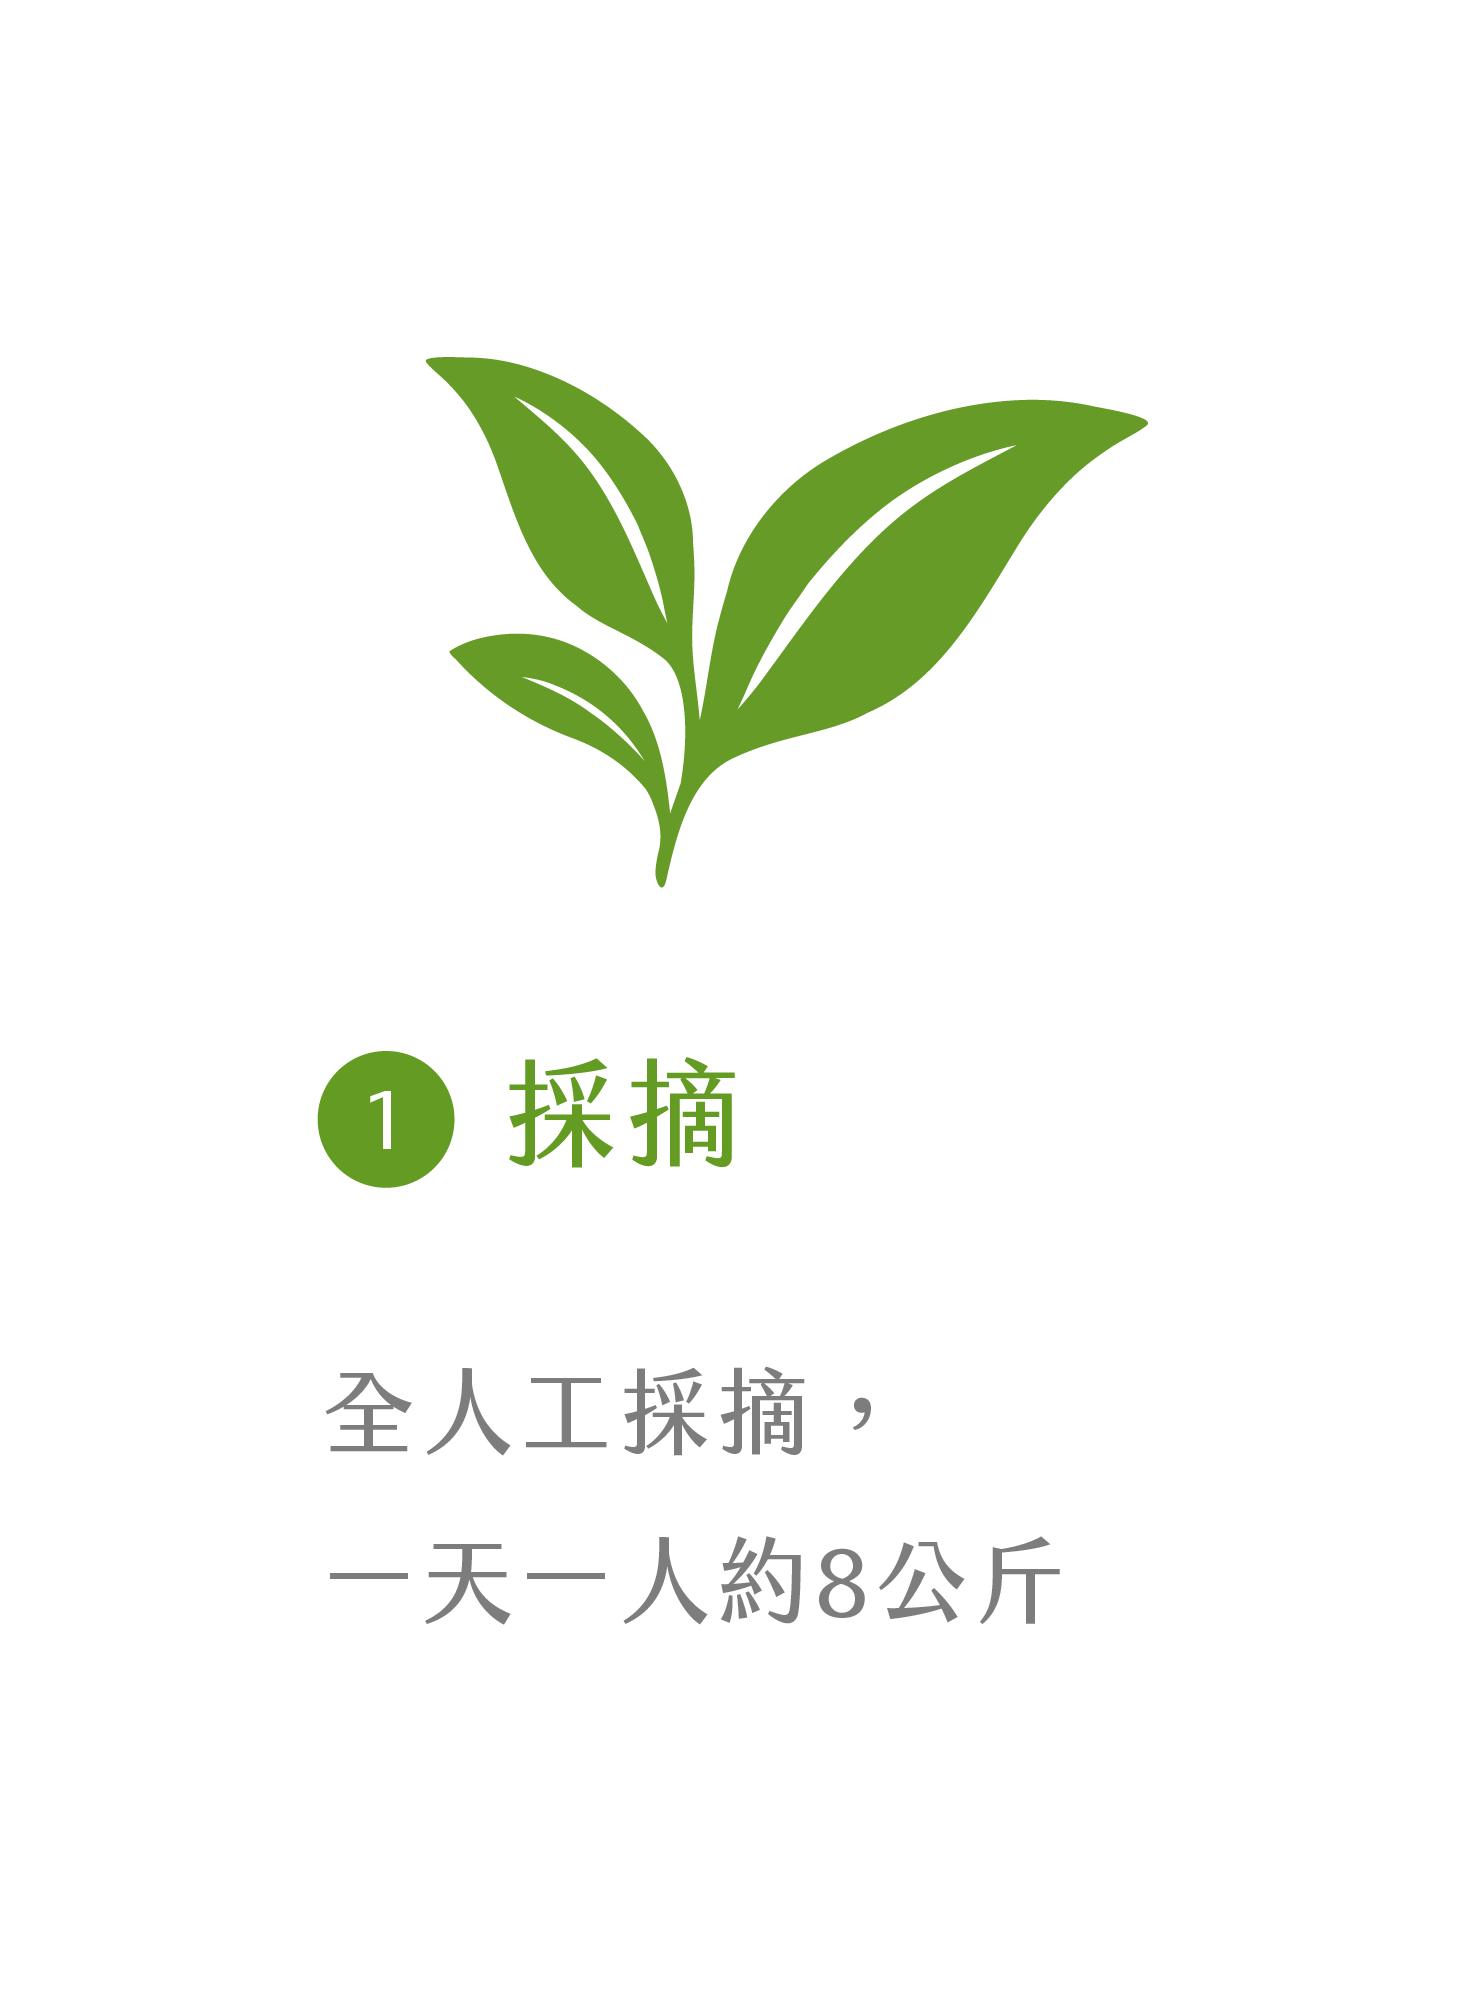 晁鎮茶苑古樹茶雨林製作流程仔採摘